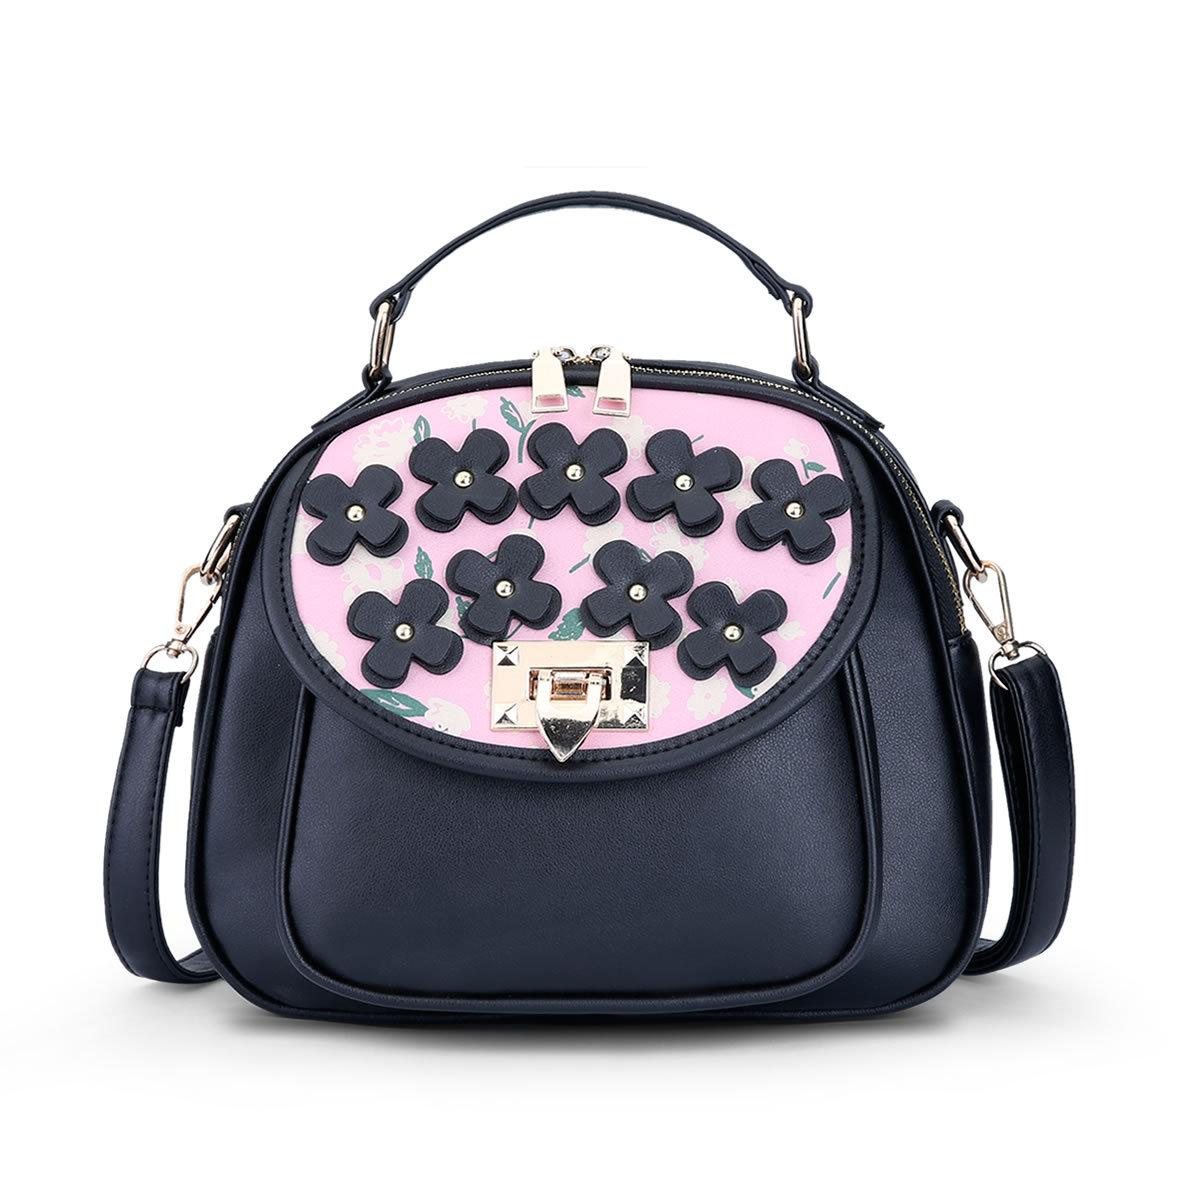 ขายส่ง กระเป๋าสะพายไหล่และกระเป๋าถือ เรียบง่าย แฟชั่นเกาหลี Sunny-915 สีชมพู